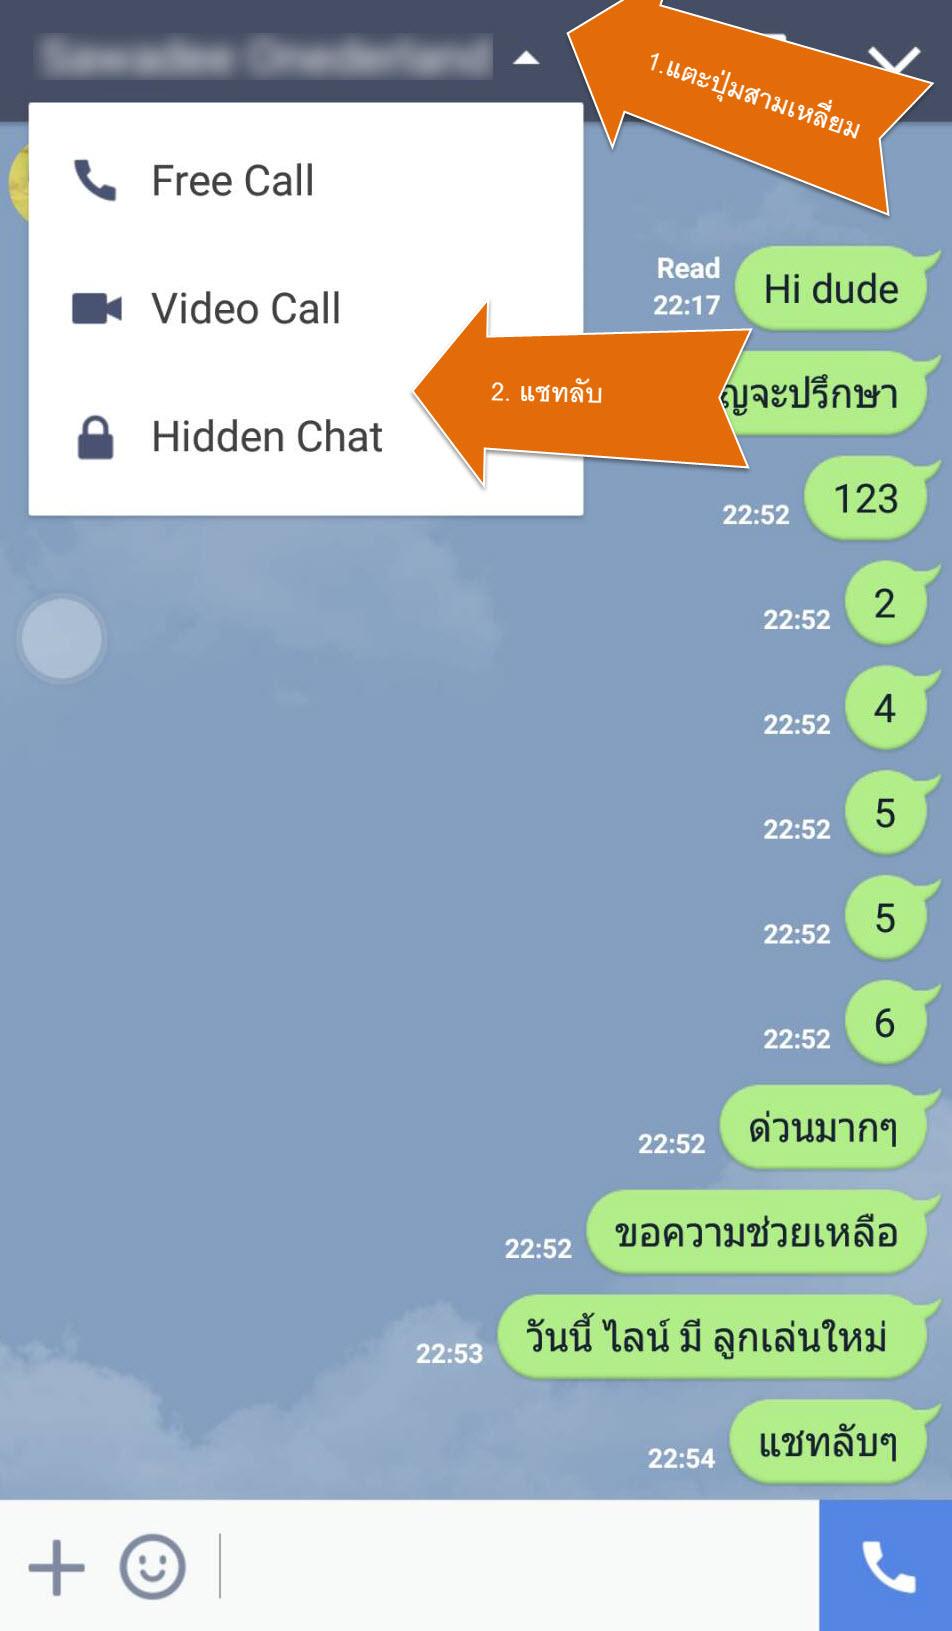 แชทลับ Open Hidden Chat